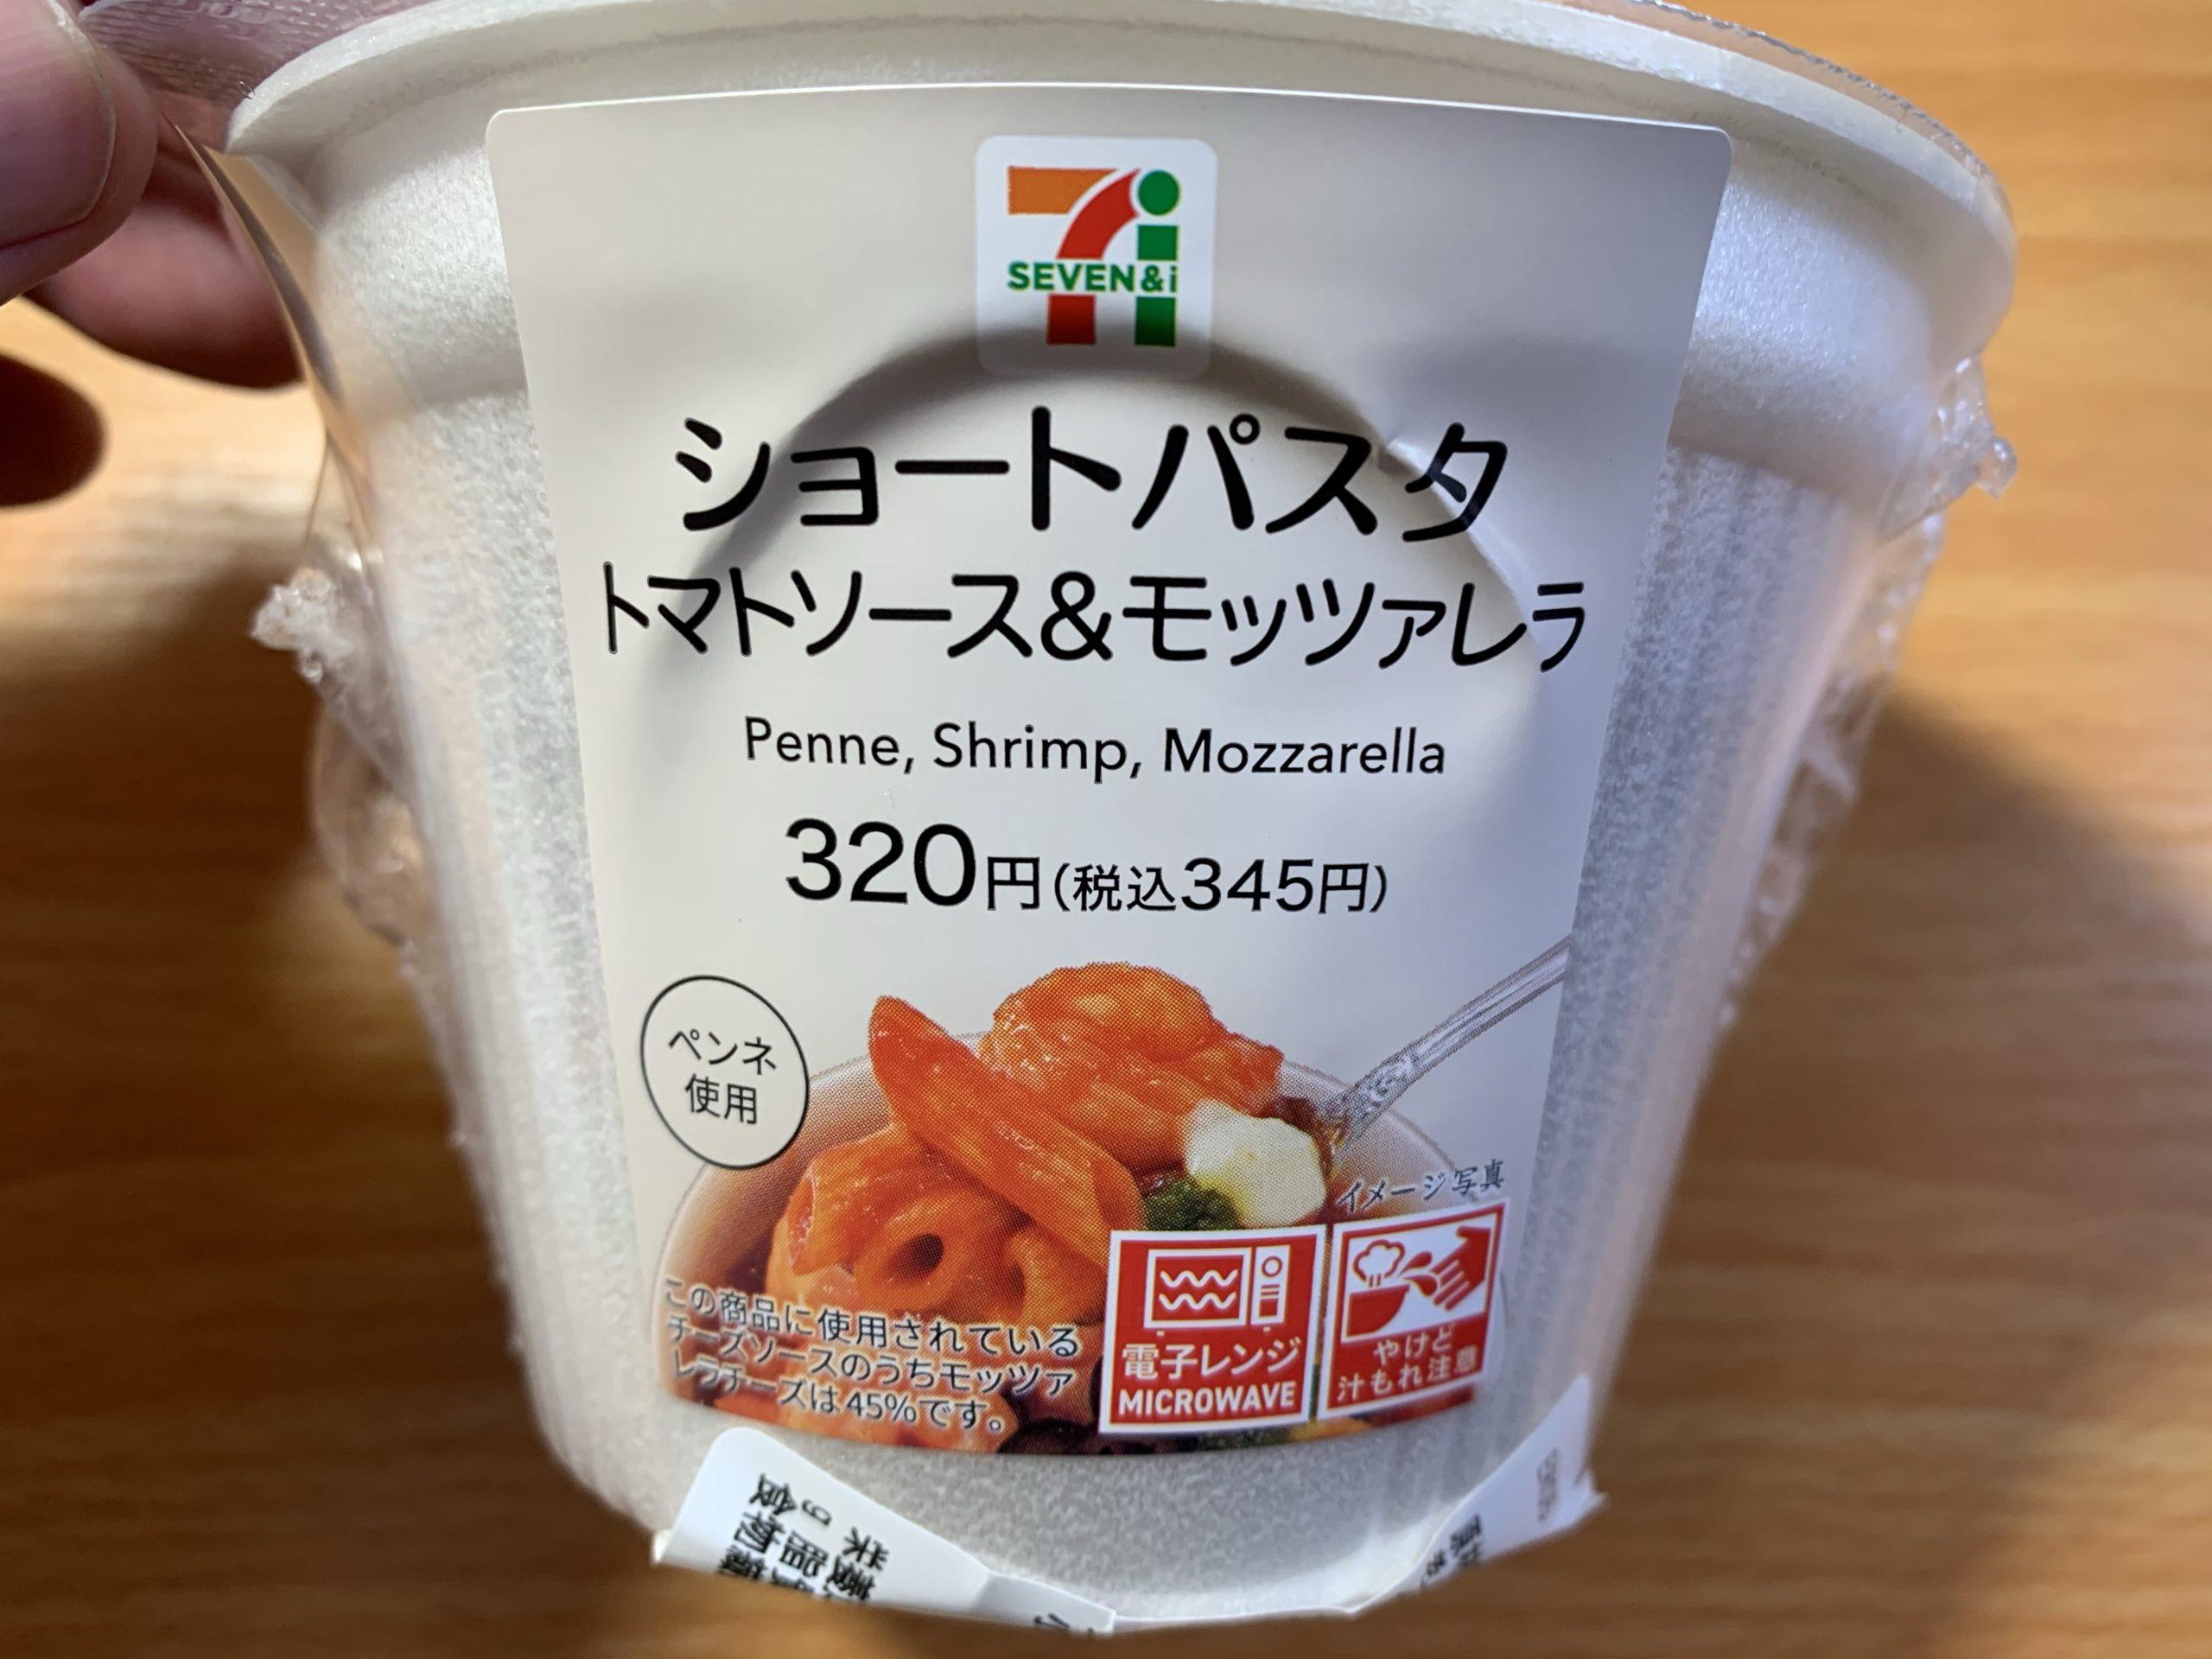 ショートパスタトマトソース&モッツァレラの値段